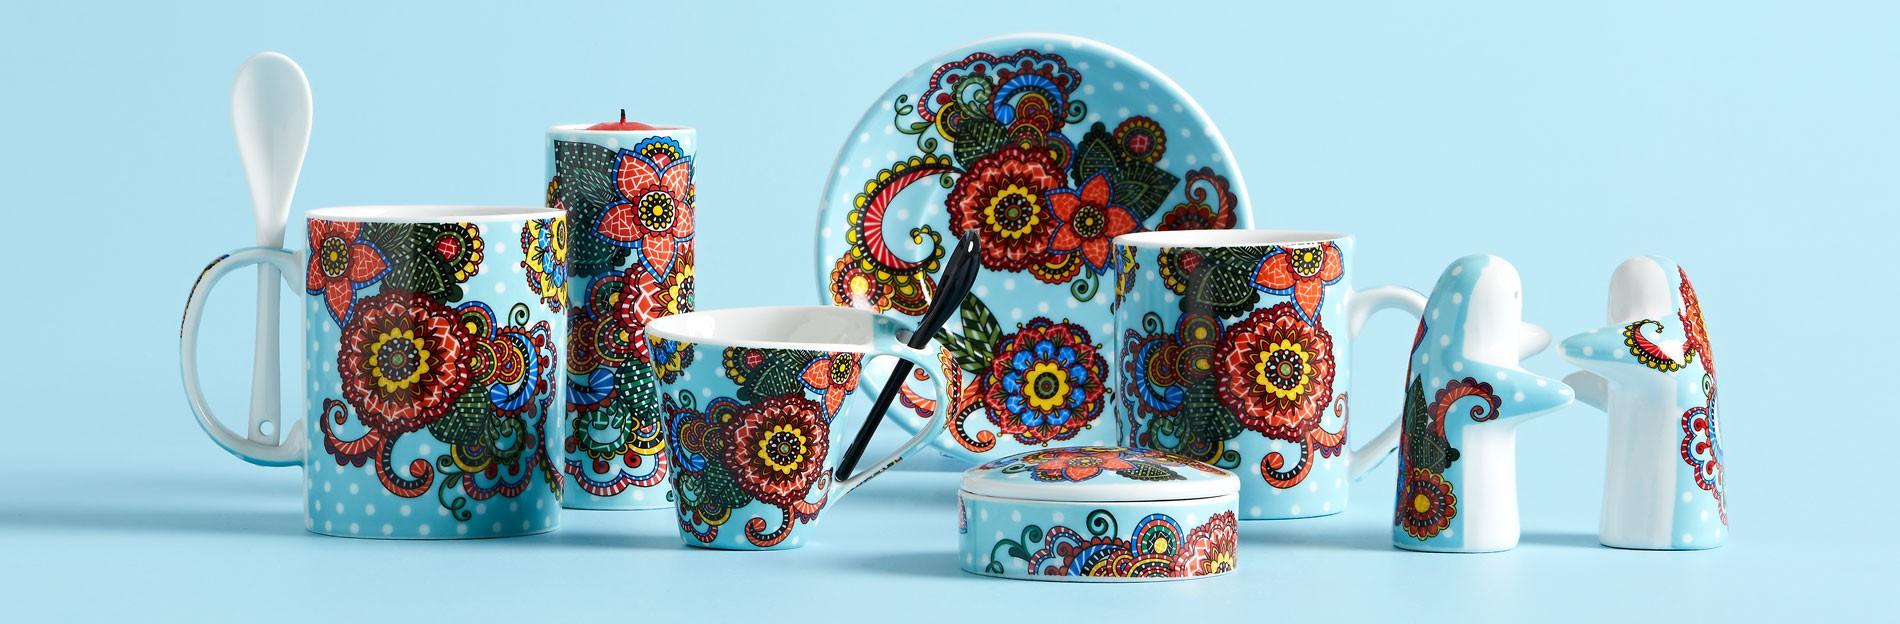 Rosman souvenirs 1